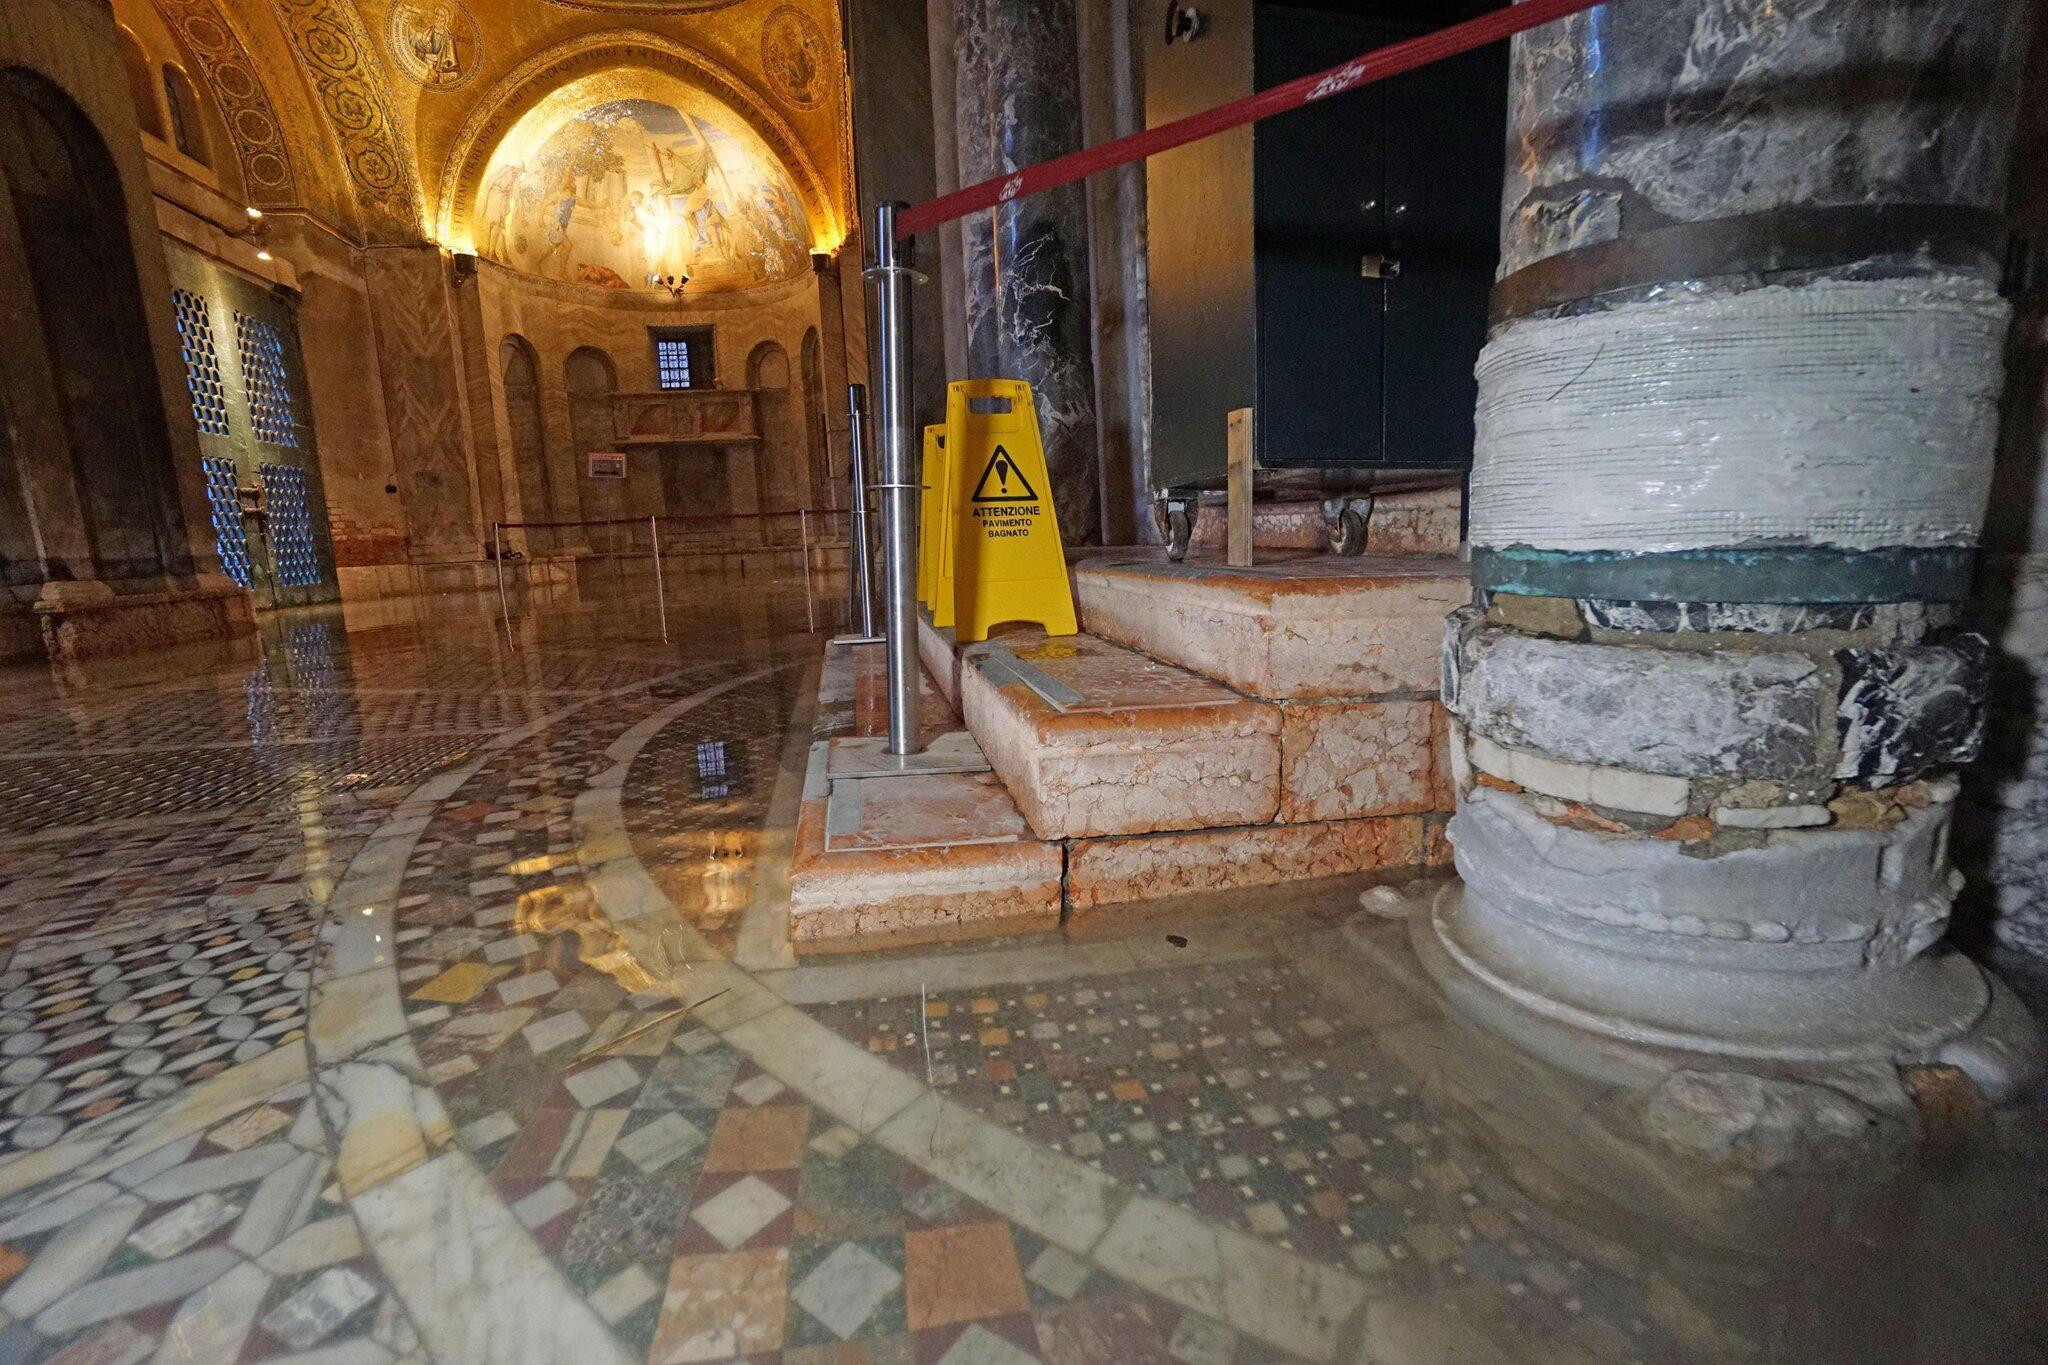 Bild zu Markusdom in Venedig unter Wasser